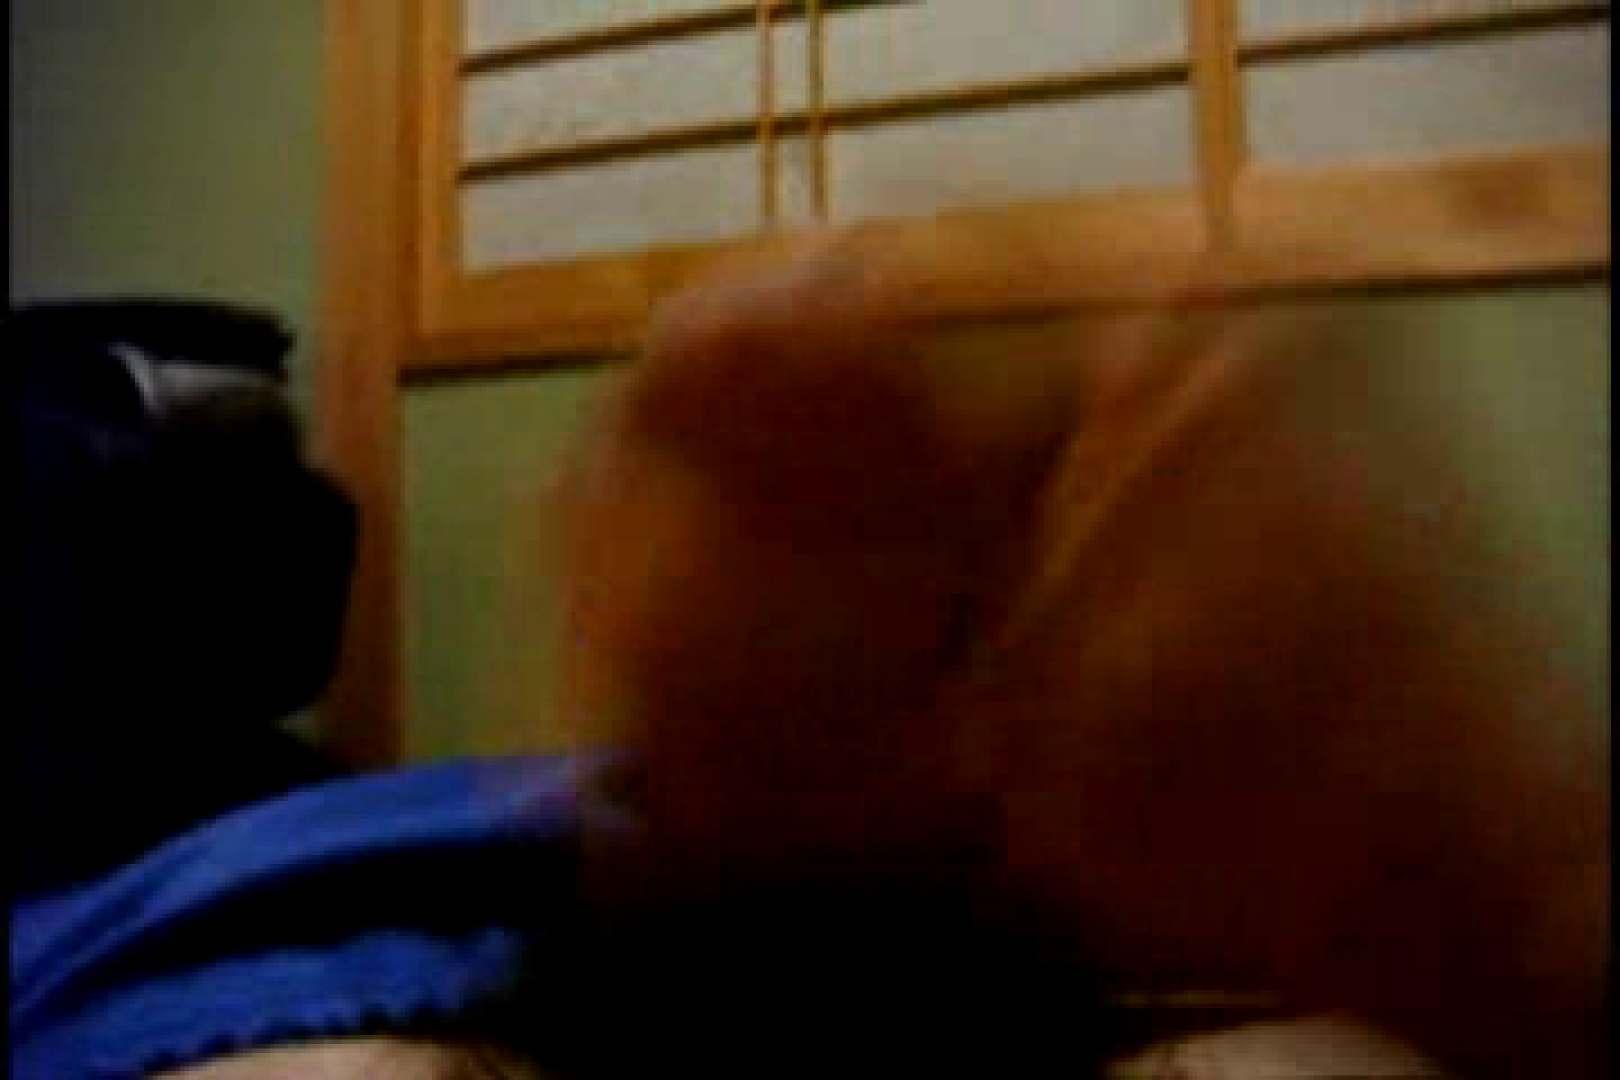 オナ好きノンケテニス部員の自画撮り投稿vol.02 射精 | 愛するノンケ  9枚 6